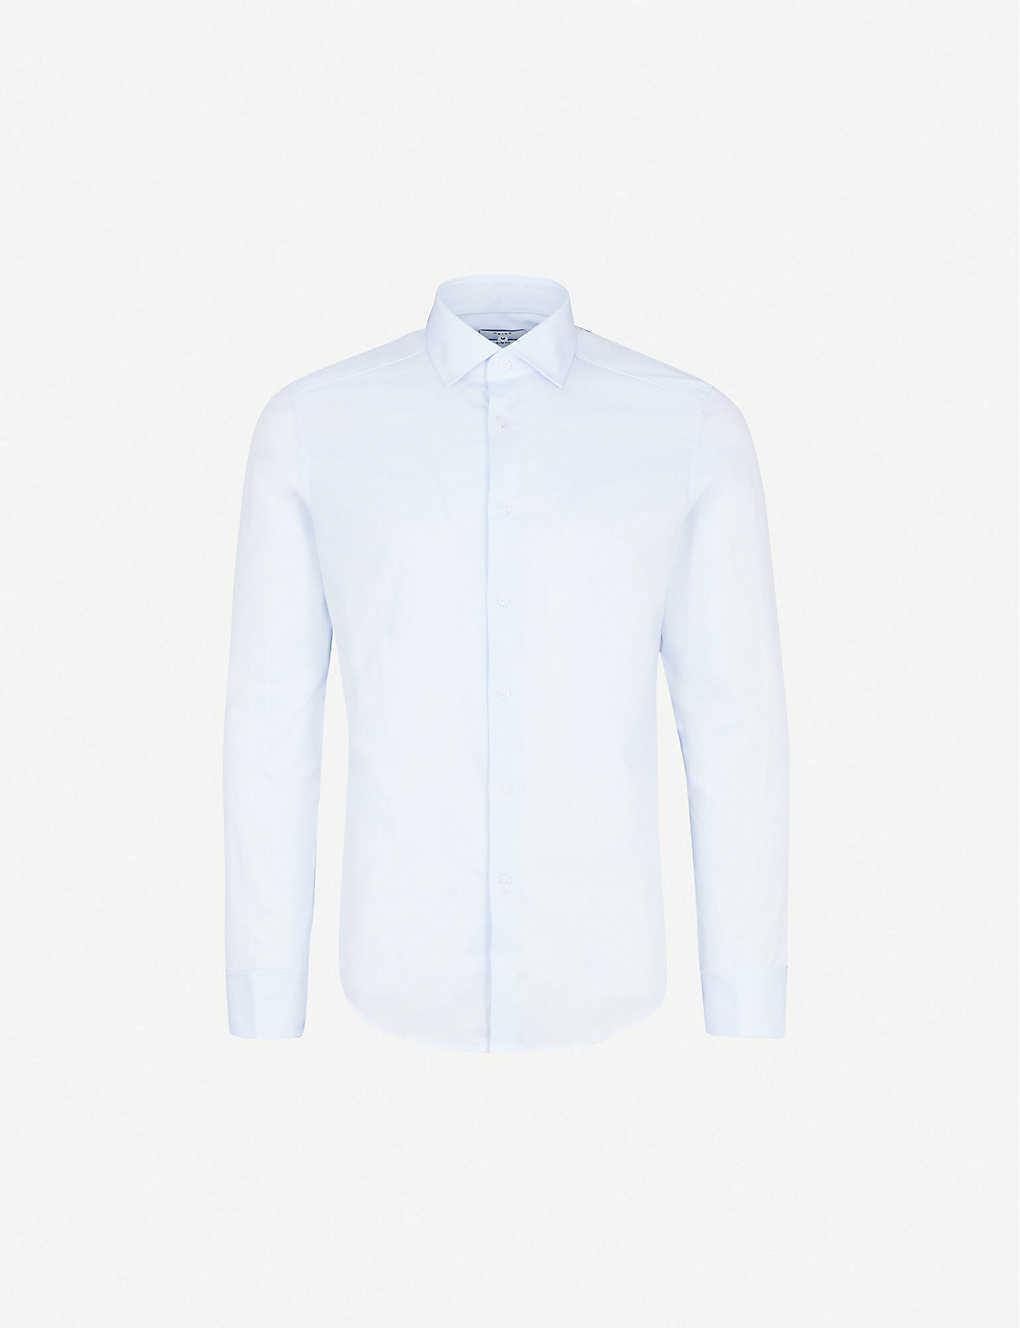 d30021e883f2 REISS - Detroller slim-fit cotton-twill shirt | Selfridges.com